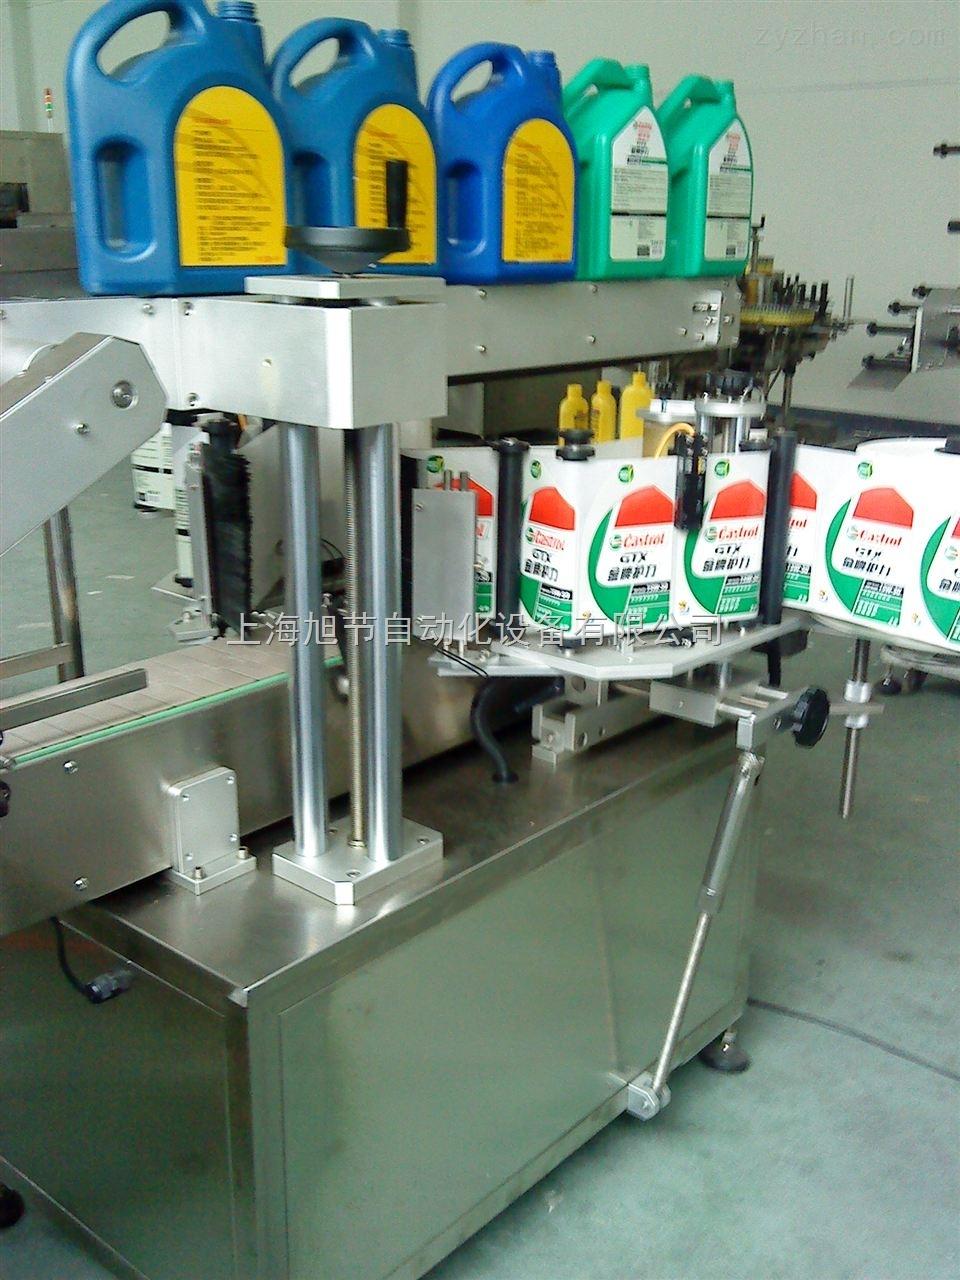 芦荟汁塑料瓶双侧面贴标机